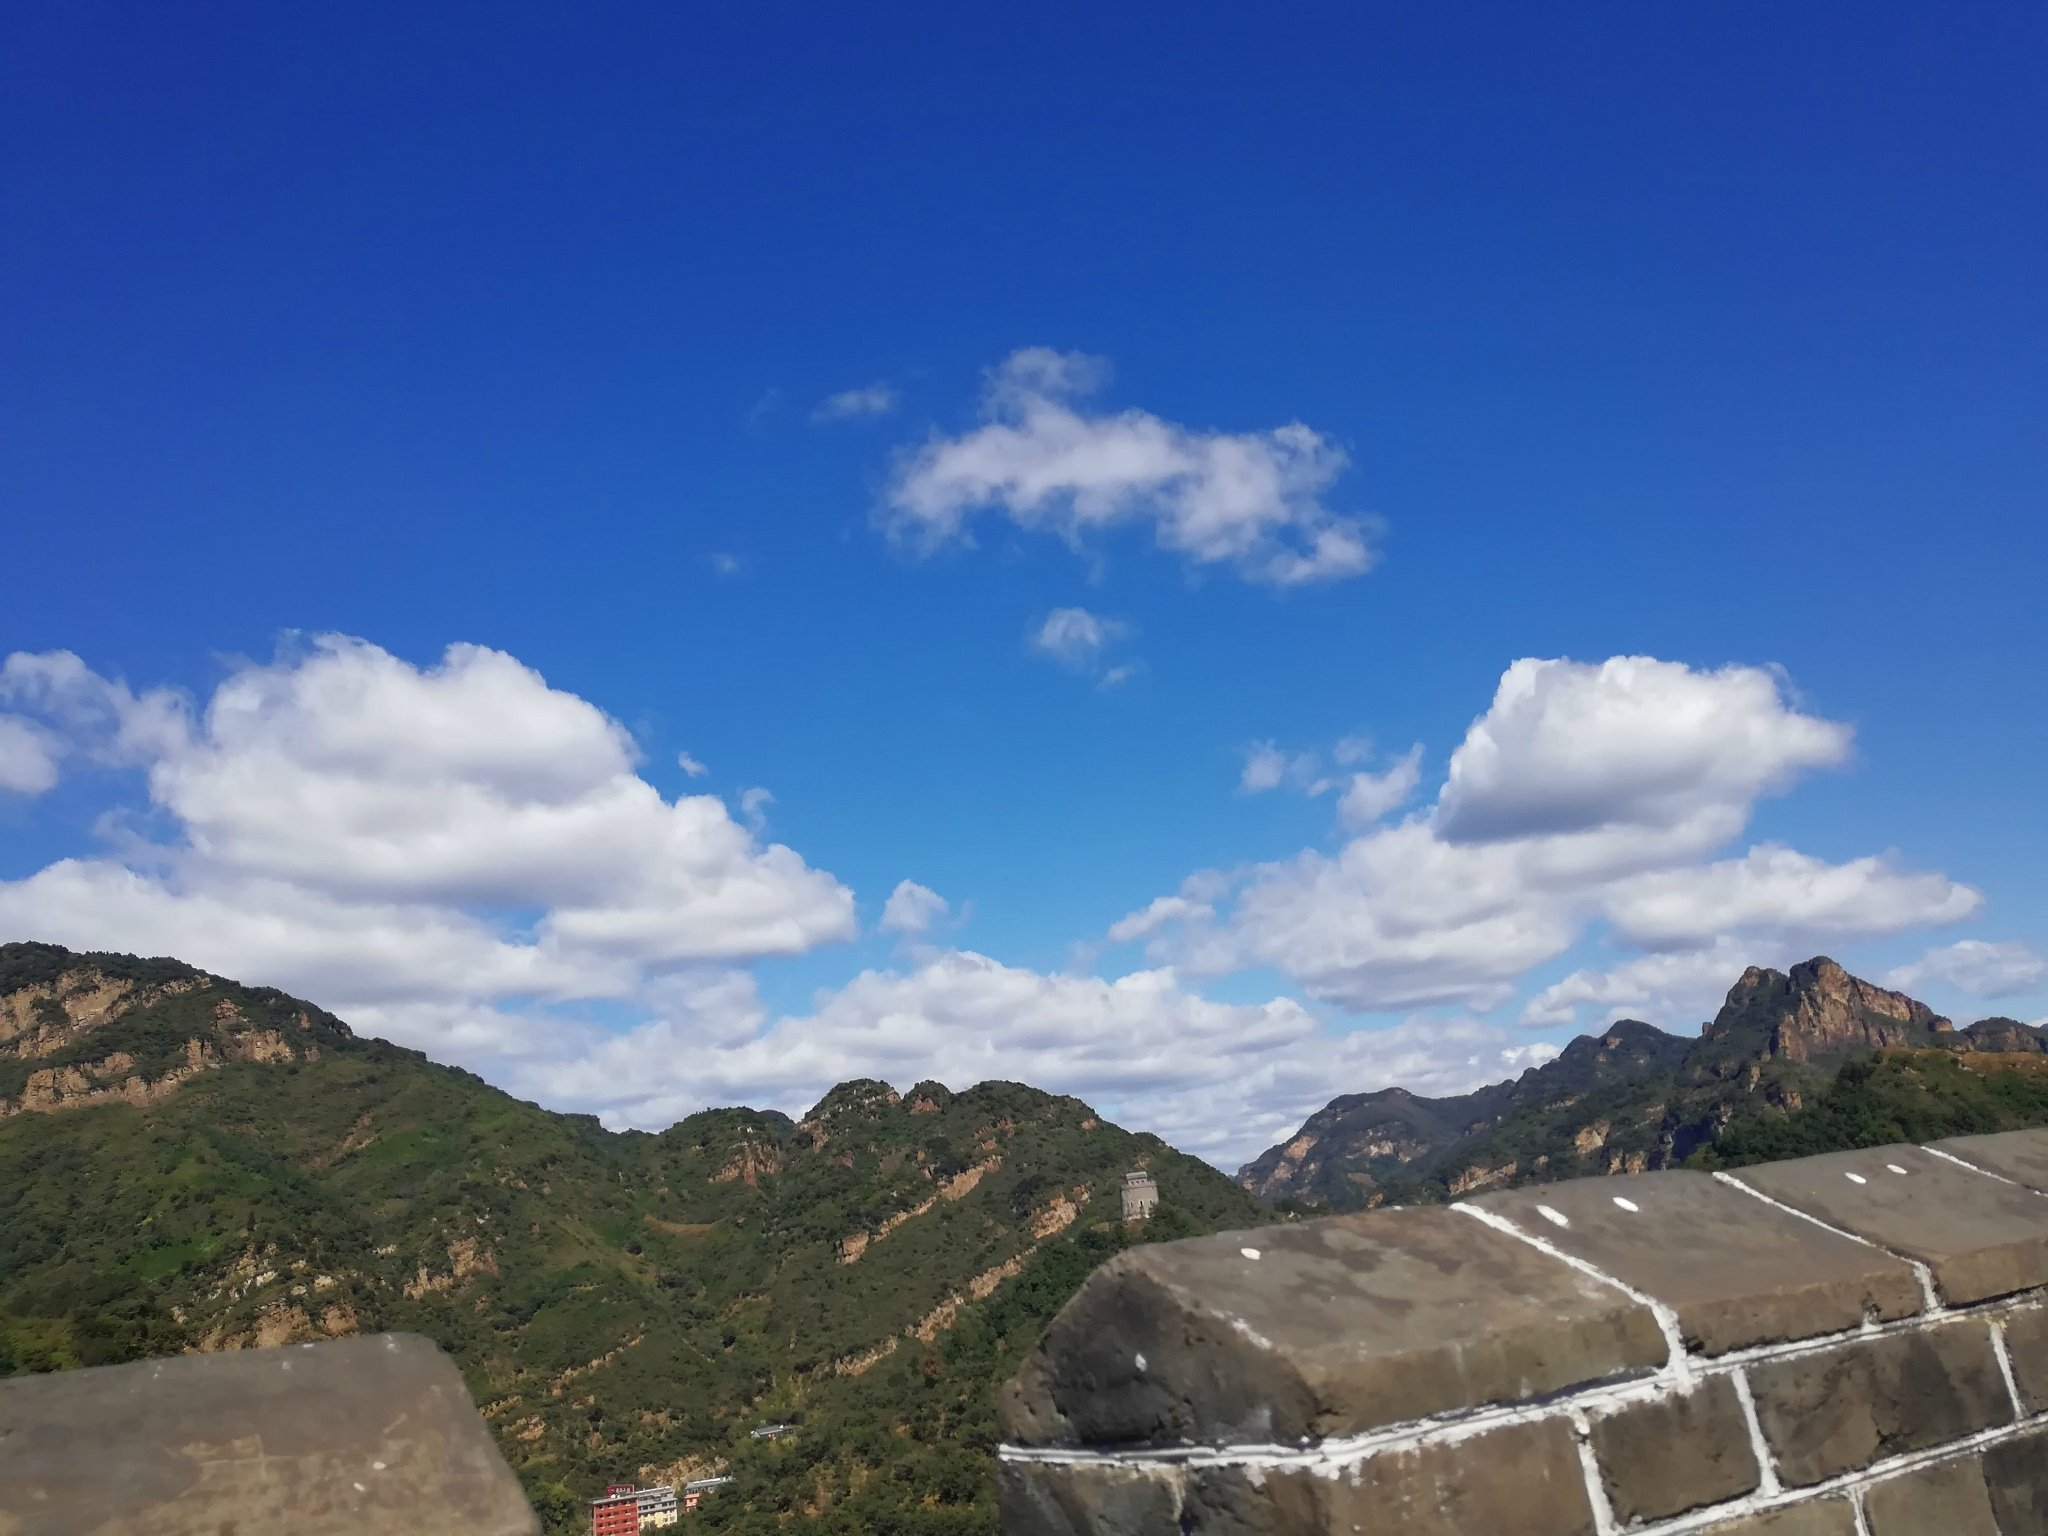 青山绿水,蓝天白云之蓟州溶洞-黄崖关长城-梨木台两日行